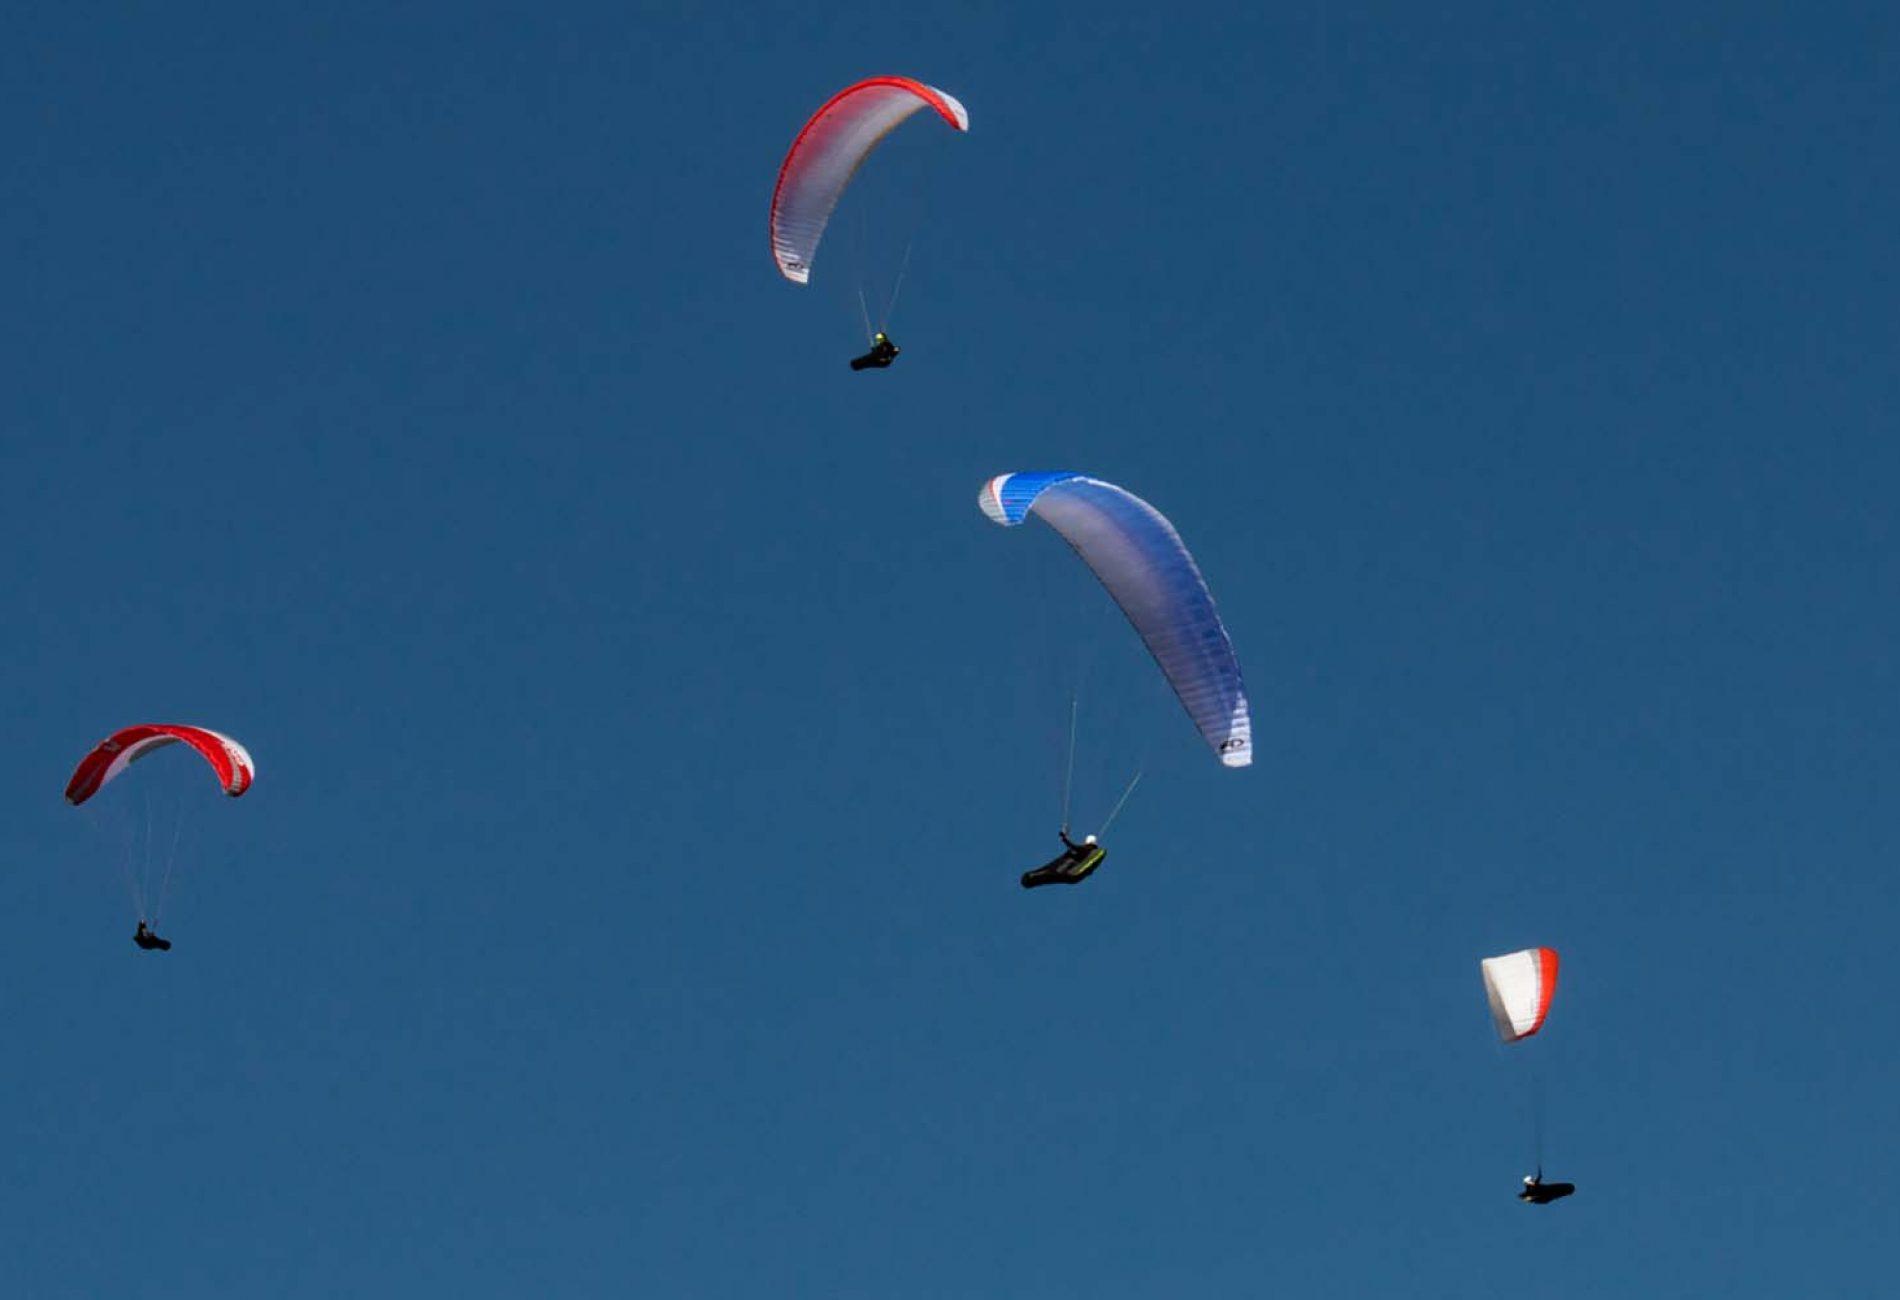 Höhenkurs (Z3) 17.09.21 Freitag